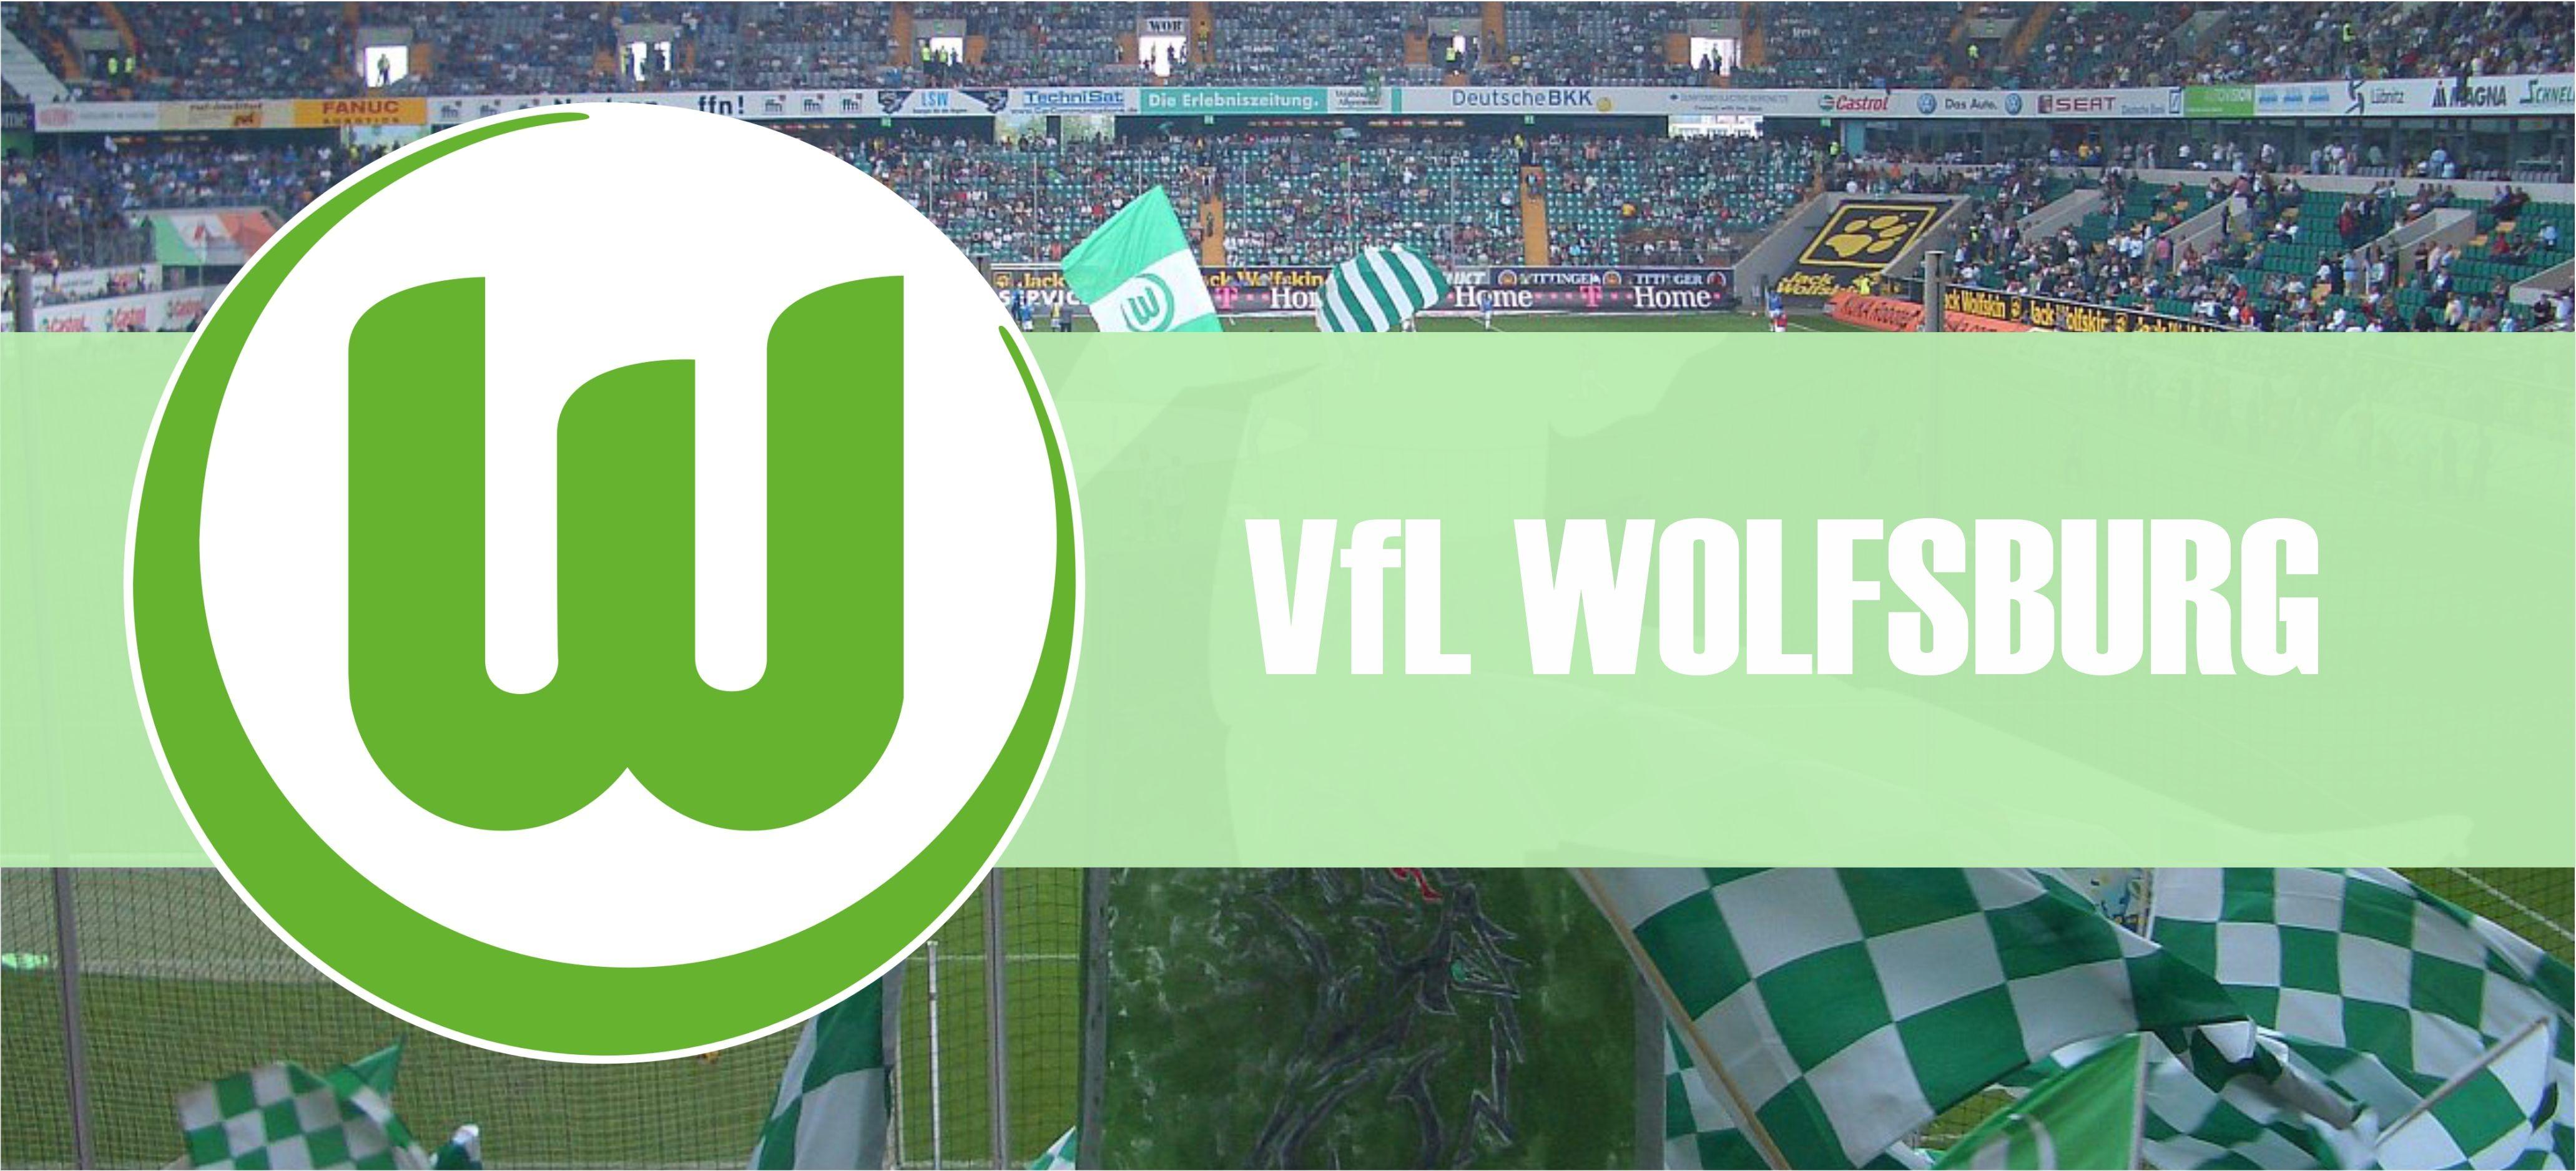 Skarb kibica Bundesligi: VfL Wolfsburg znów chce zagościć w elicie